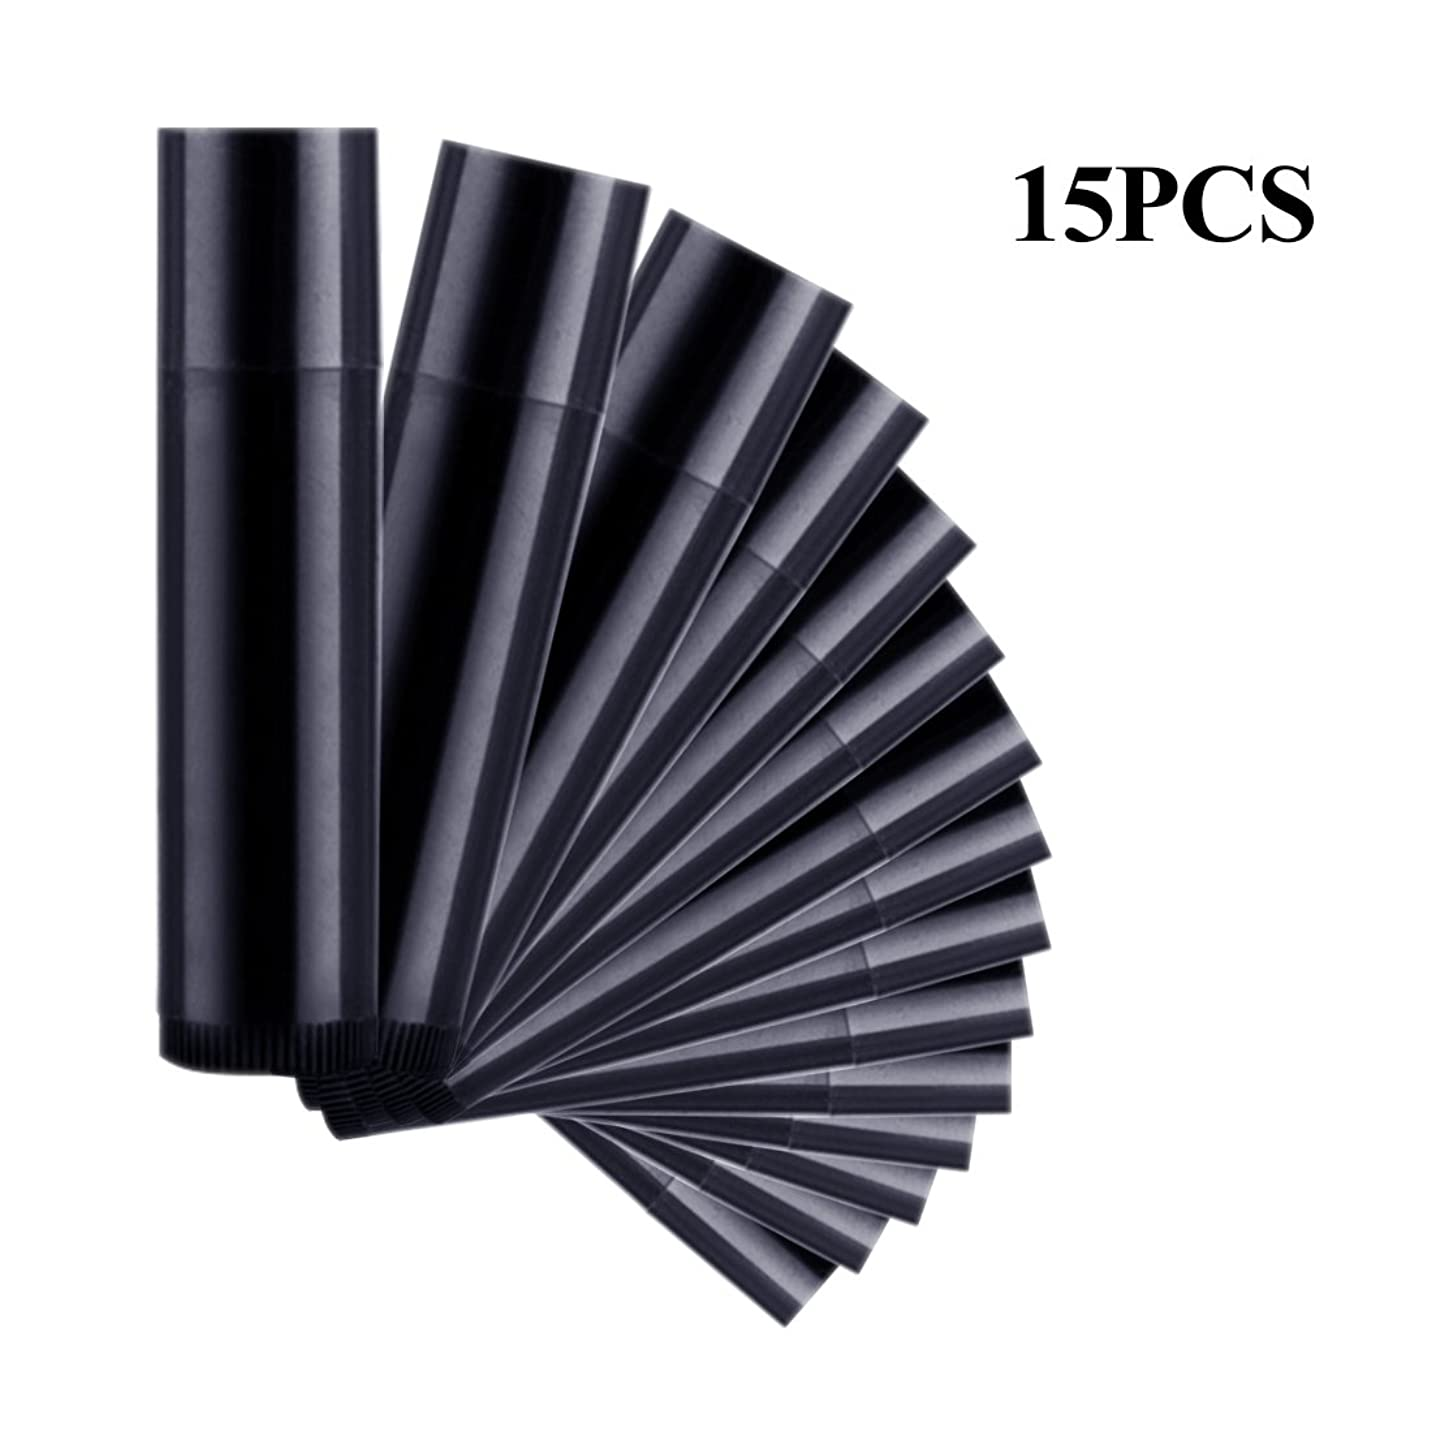 究極の作り上げるピンクRETYLY 15本 ブラック リップスティック 空のチューブ ワックスチューブ DIYリップスティックチューブ 化粧品包装ボトル5g